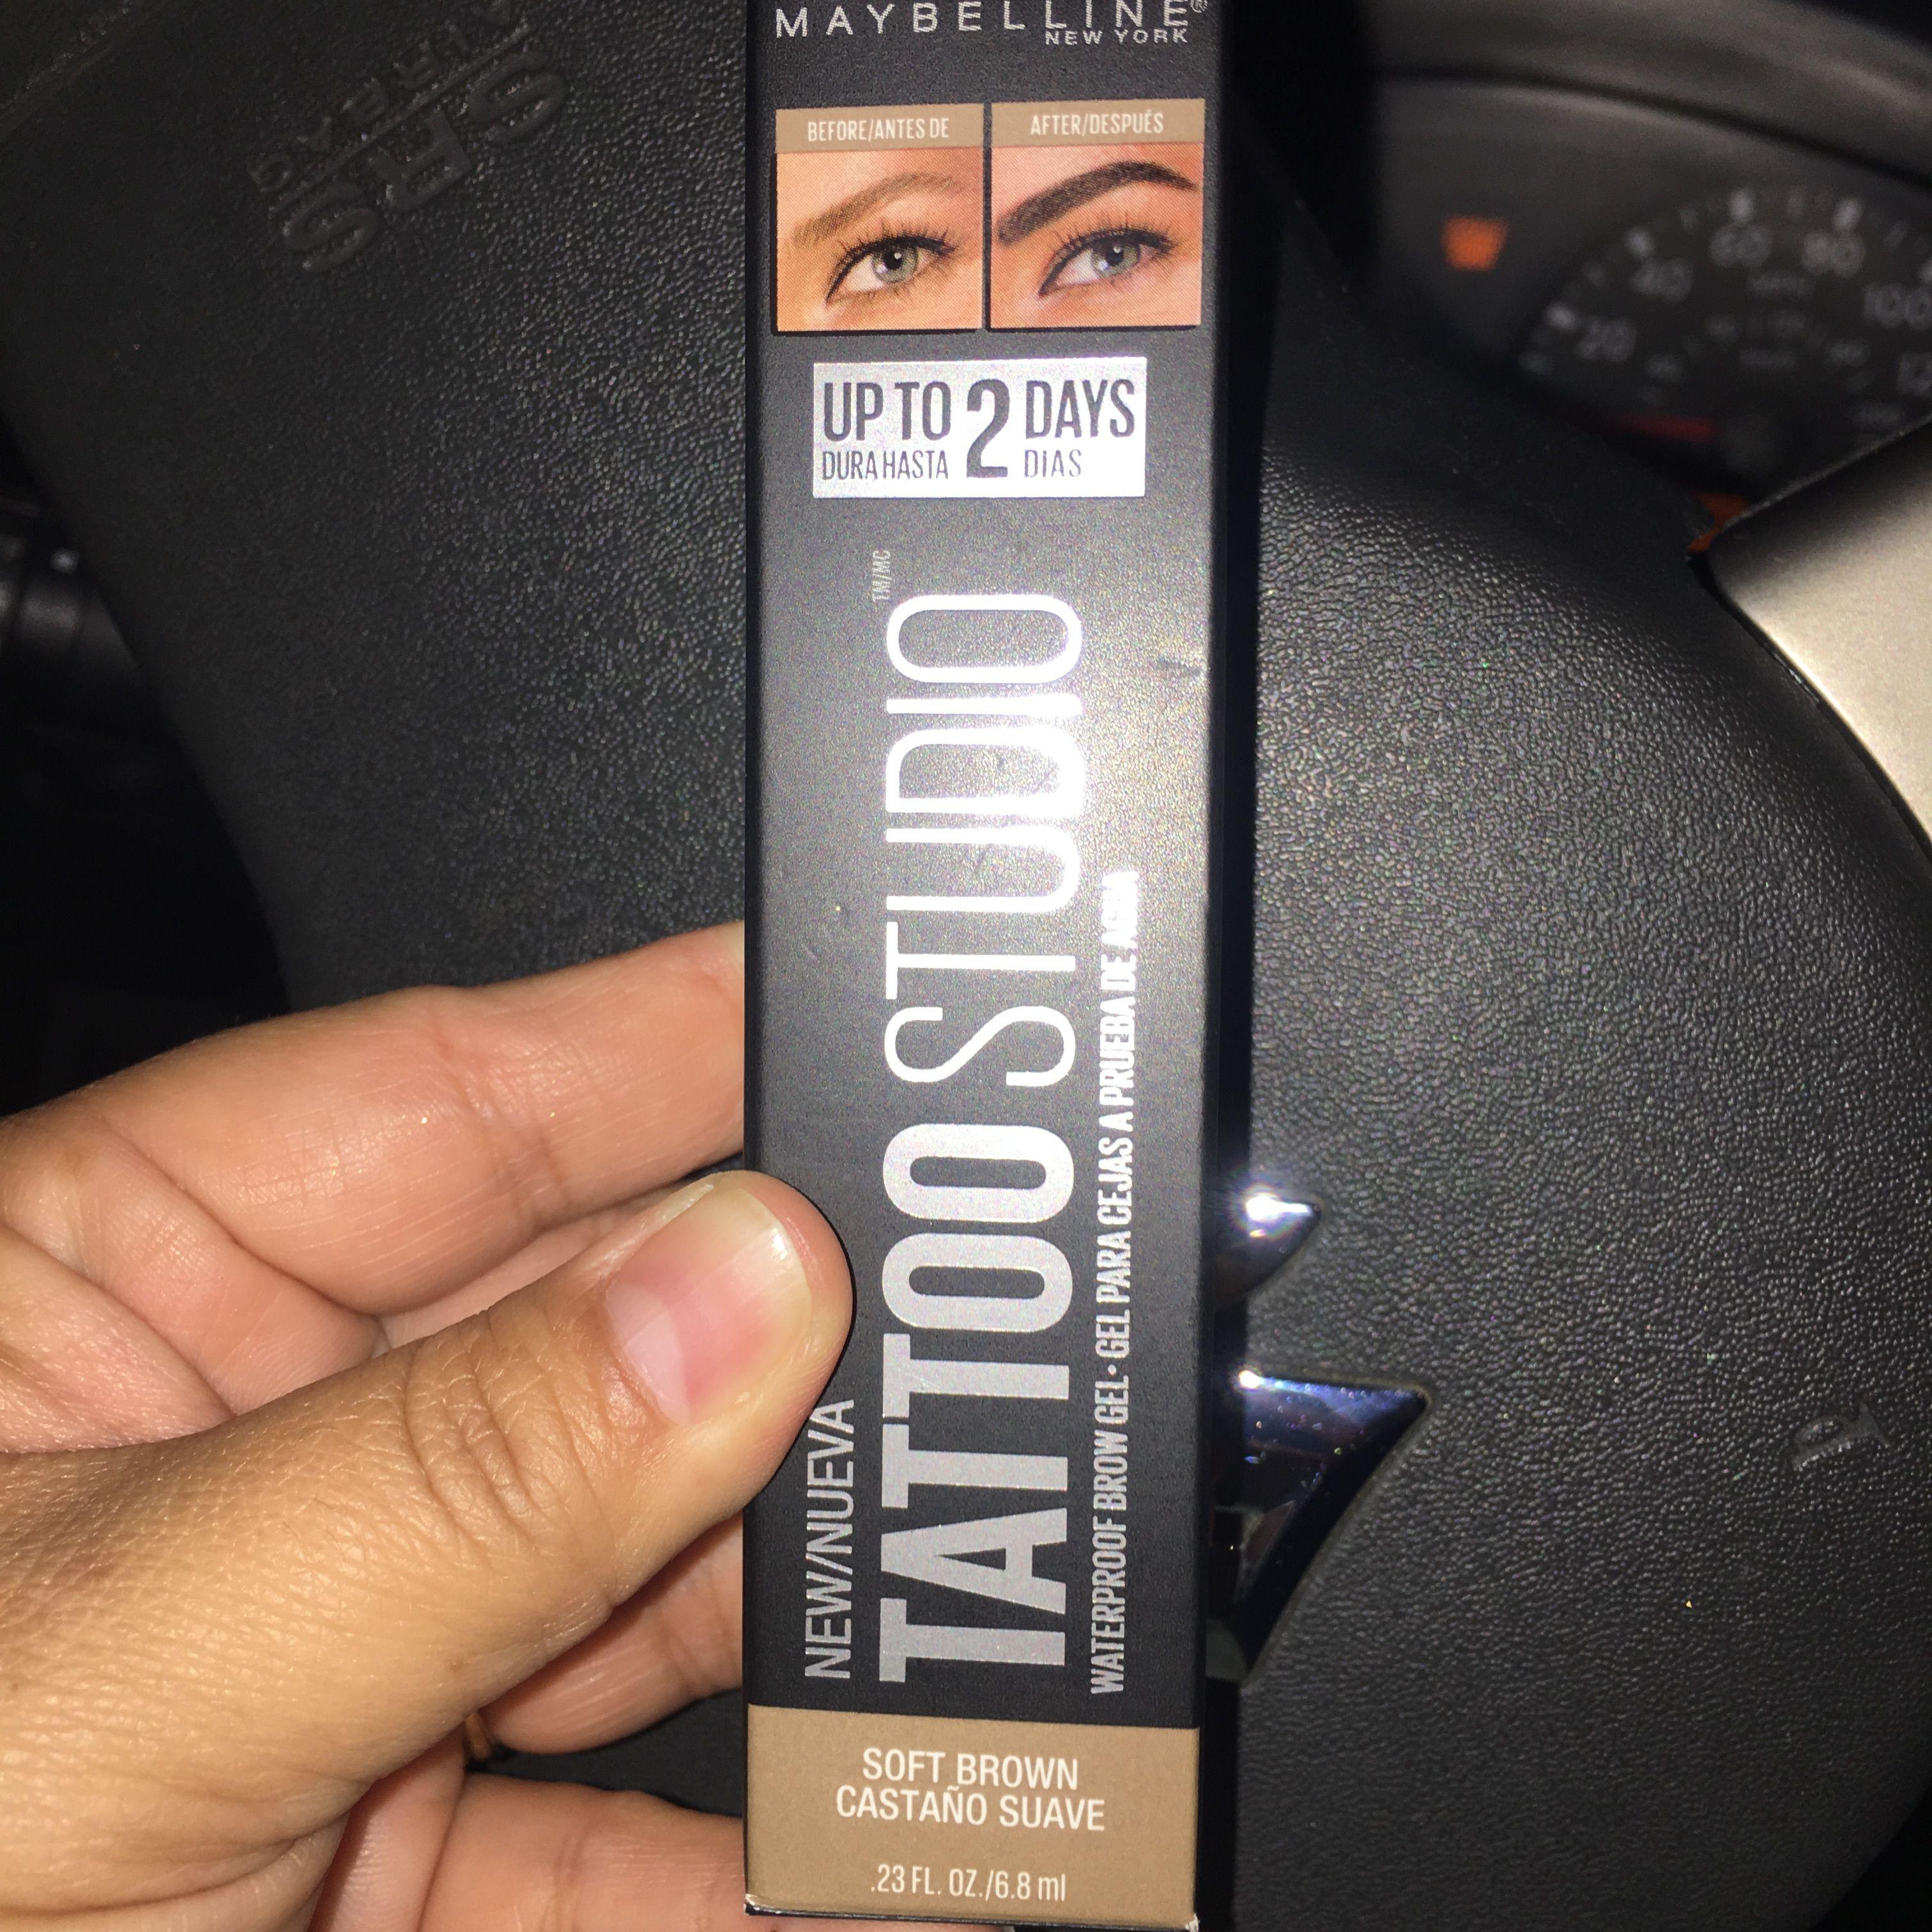 New Maybelline Eyebrow Tattoo Studio Maybelline eyebrow